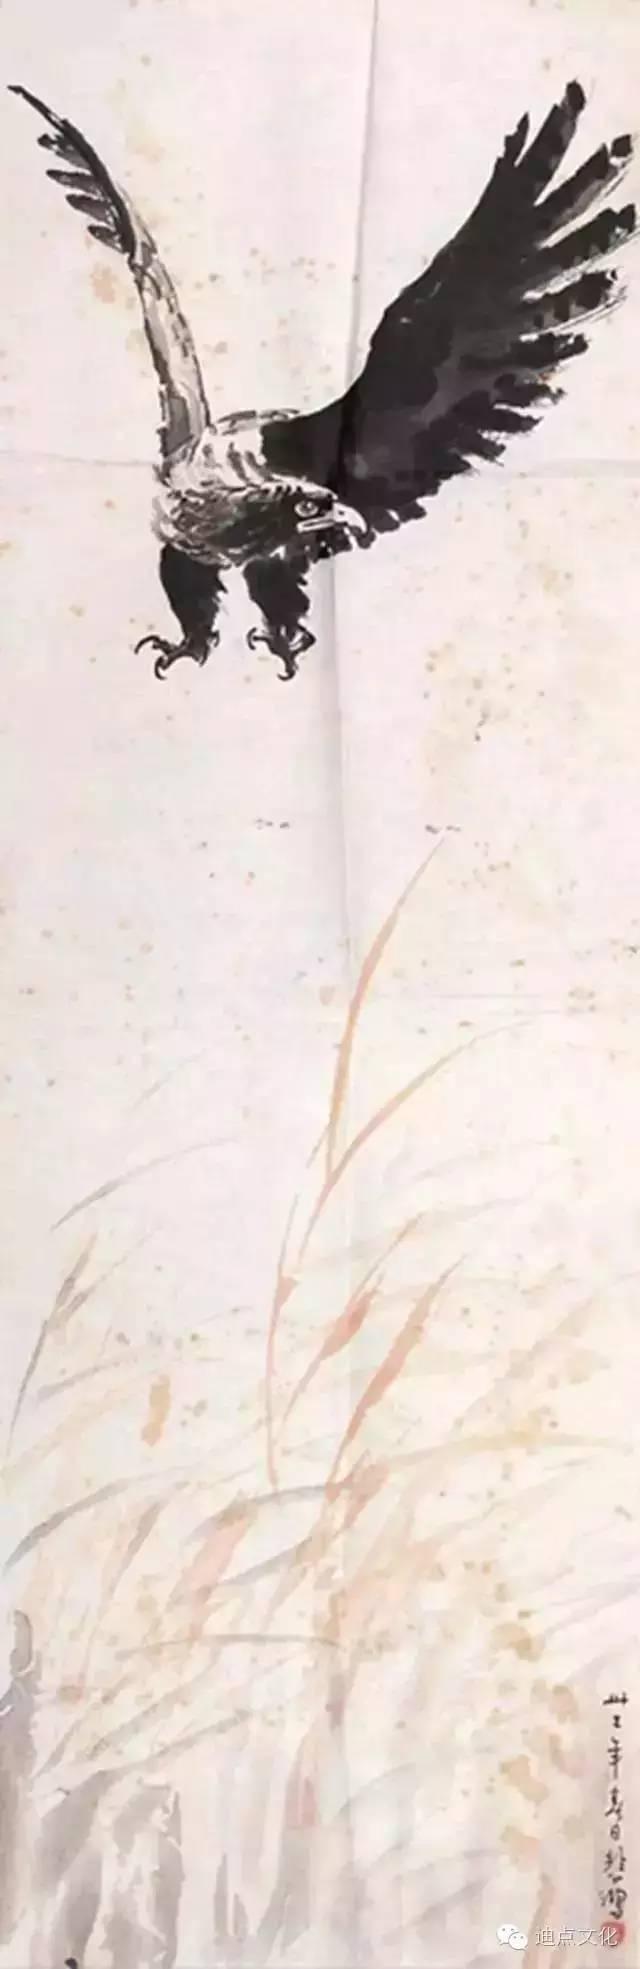 李苦禅画鹰_历代名家画笔下的鹰,谁的最凶猛? - 书画相关 - 中国艺硕.com ...